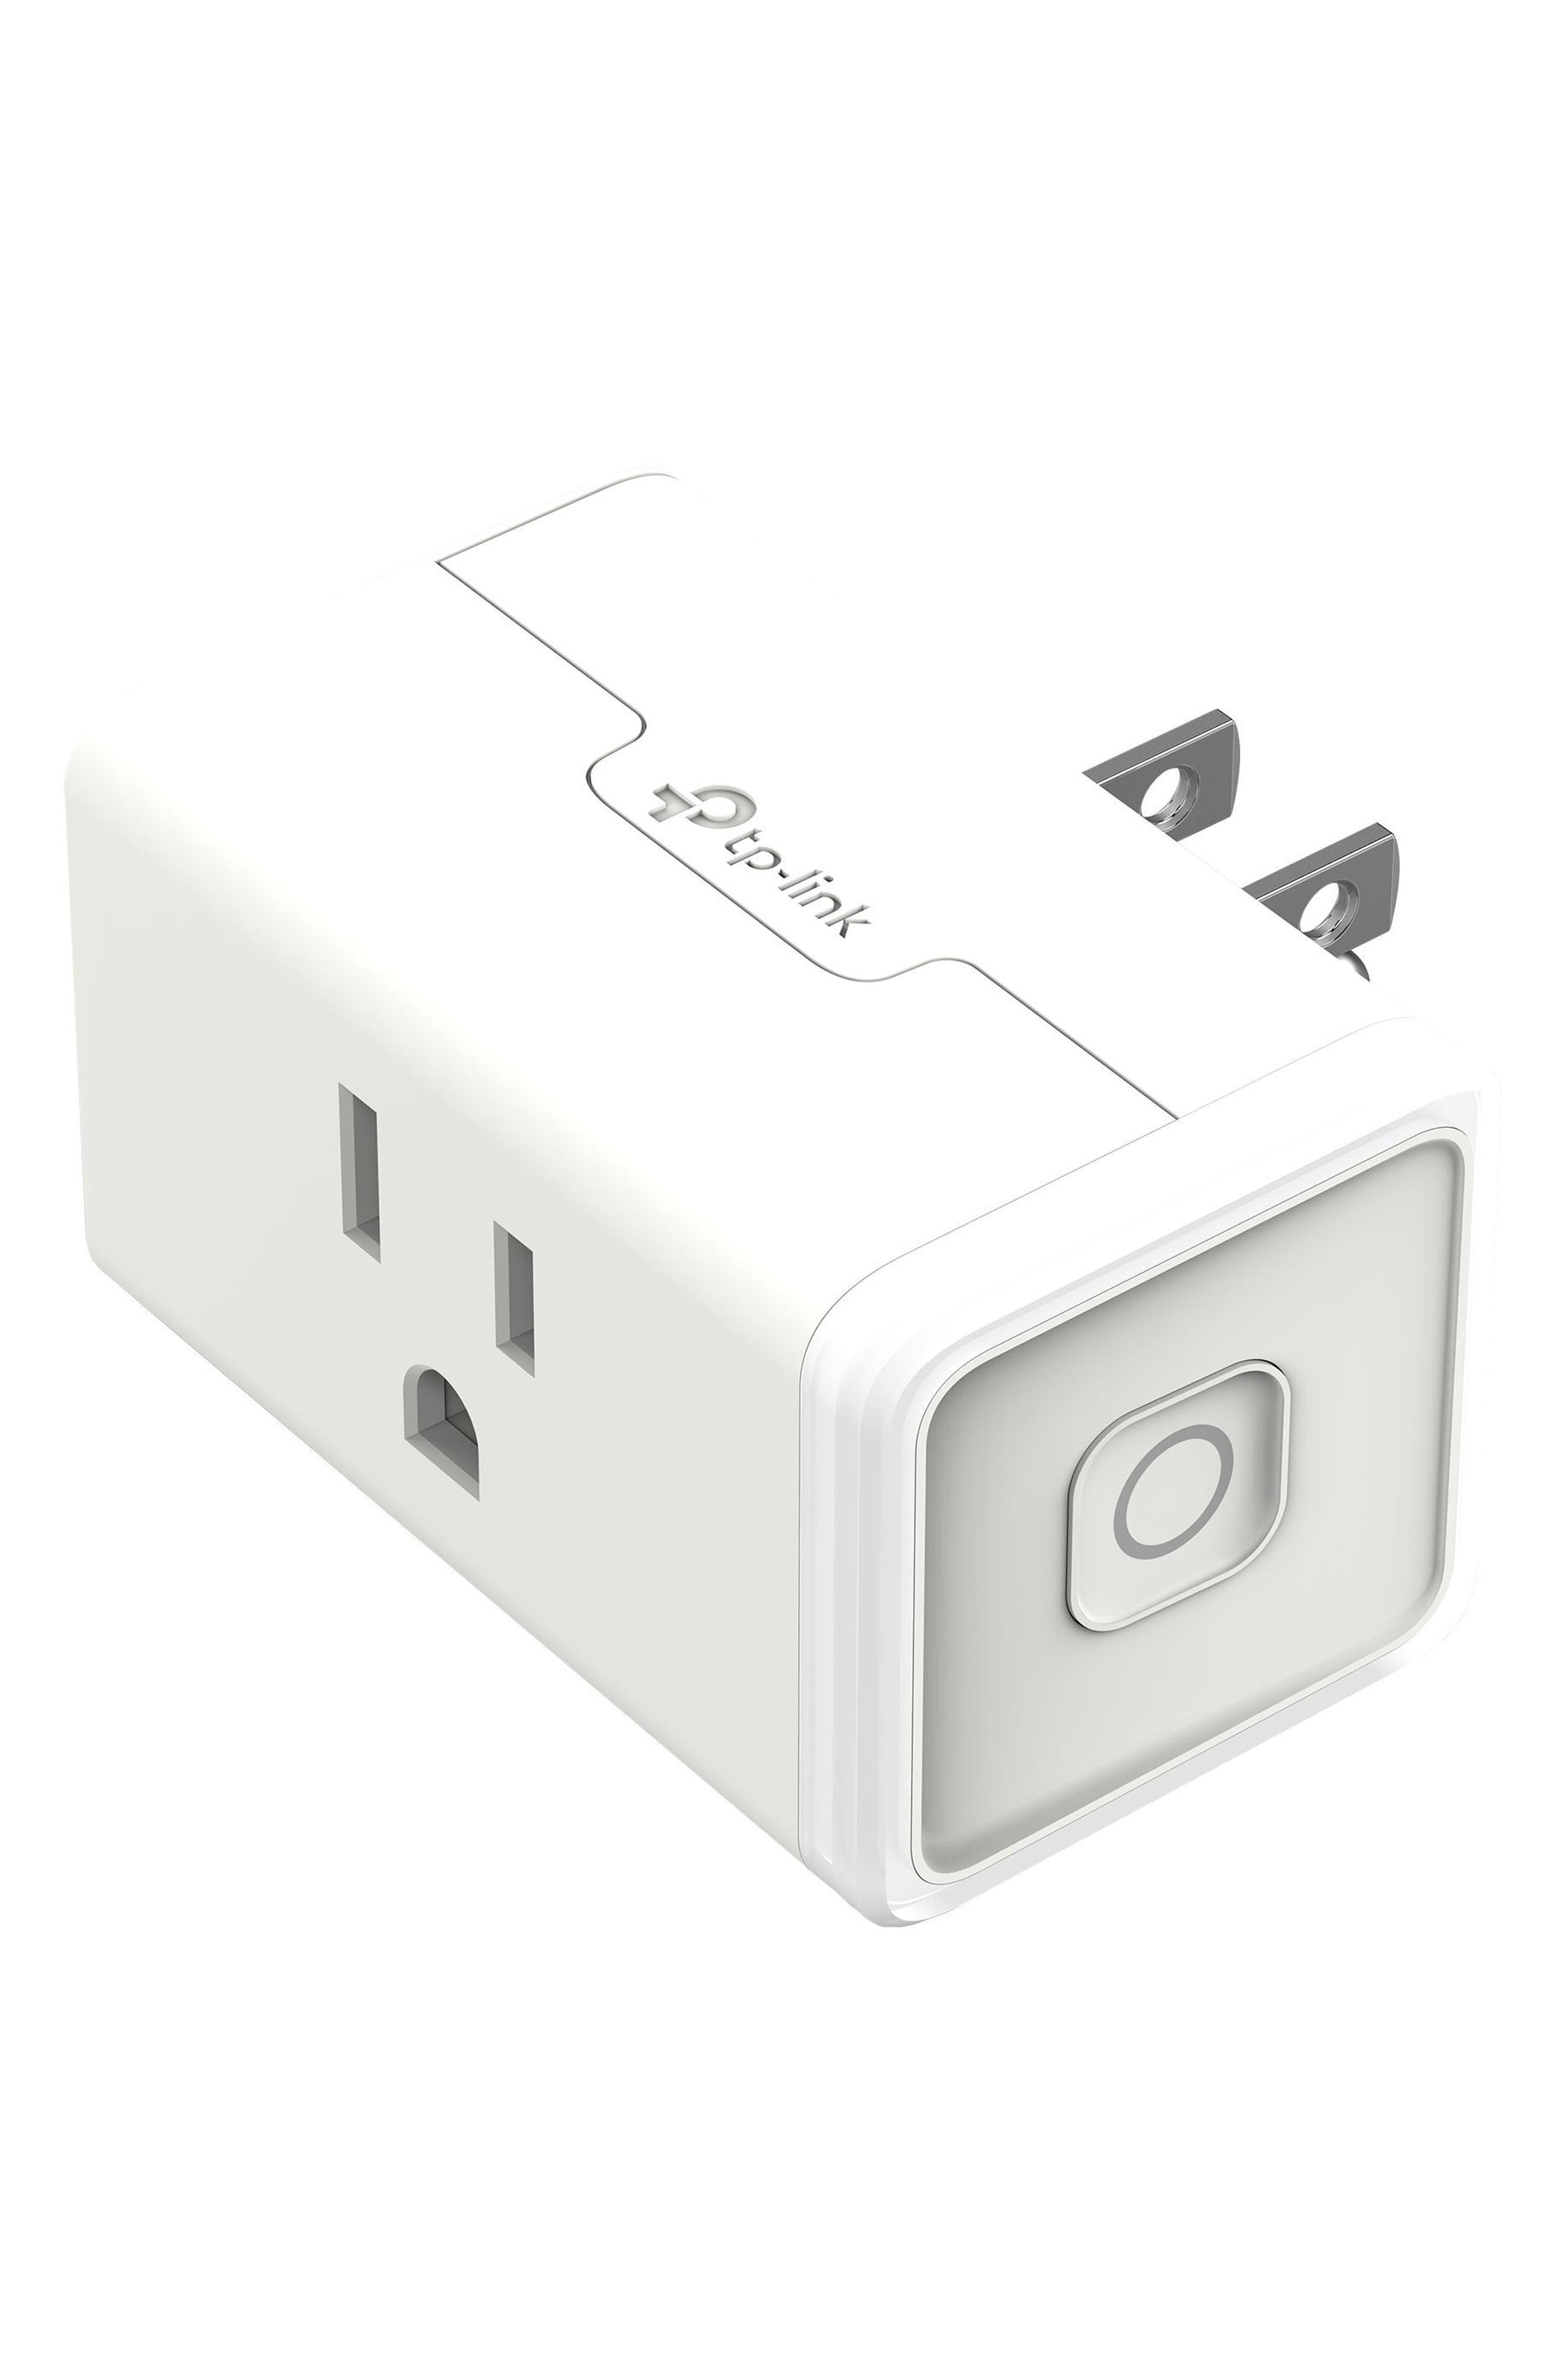 Smart Wi-Fi Mini Plug,                         Main,                         color, WHITE